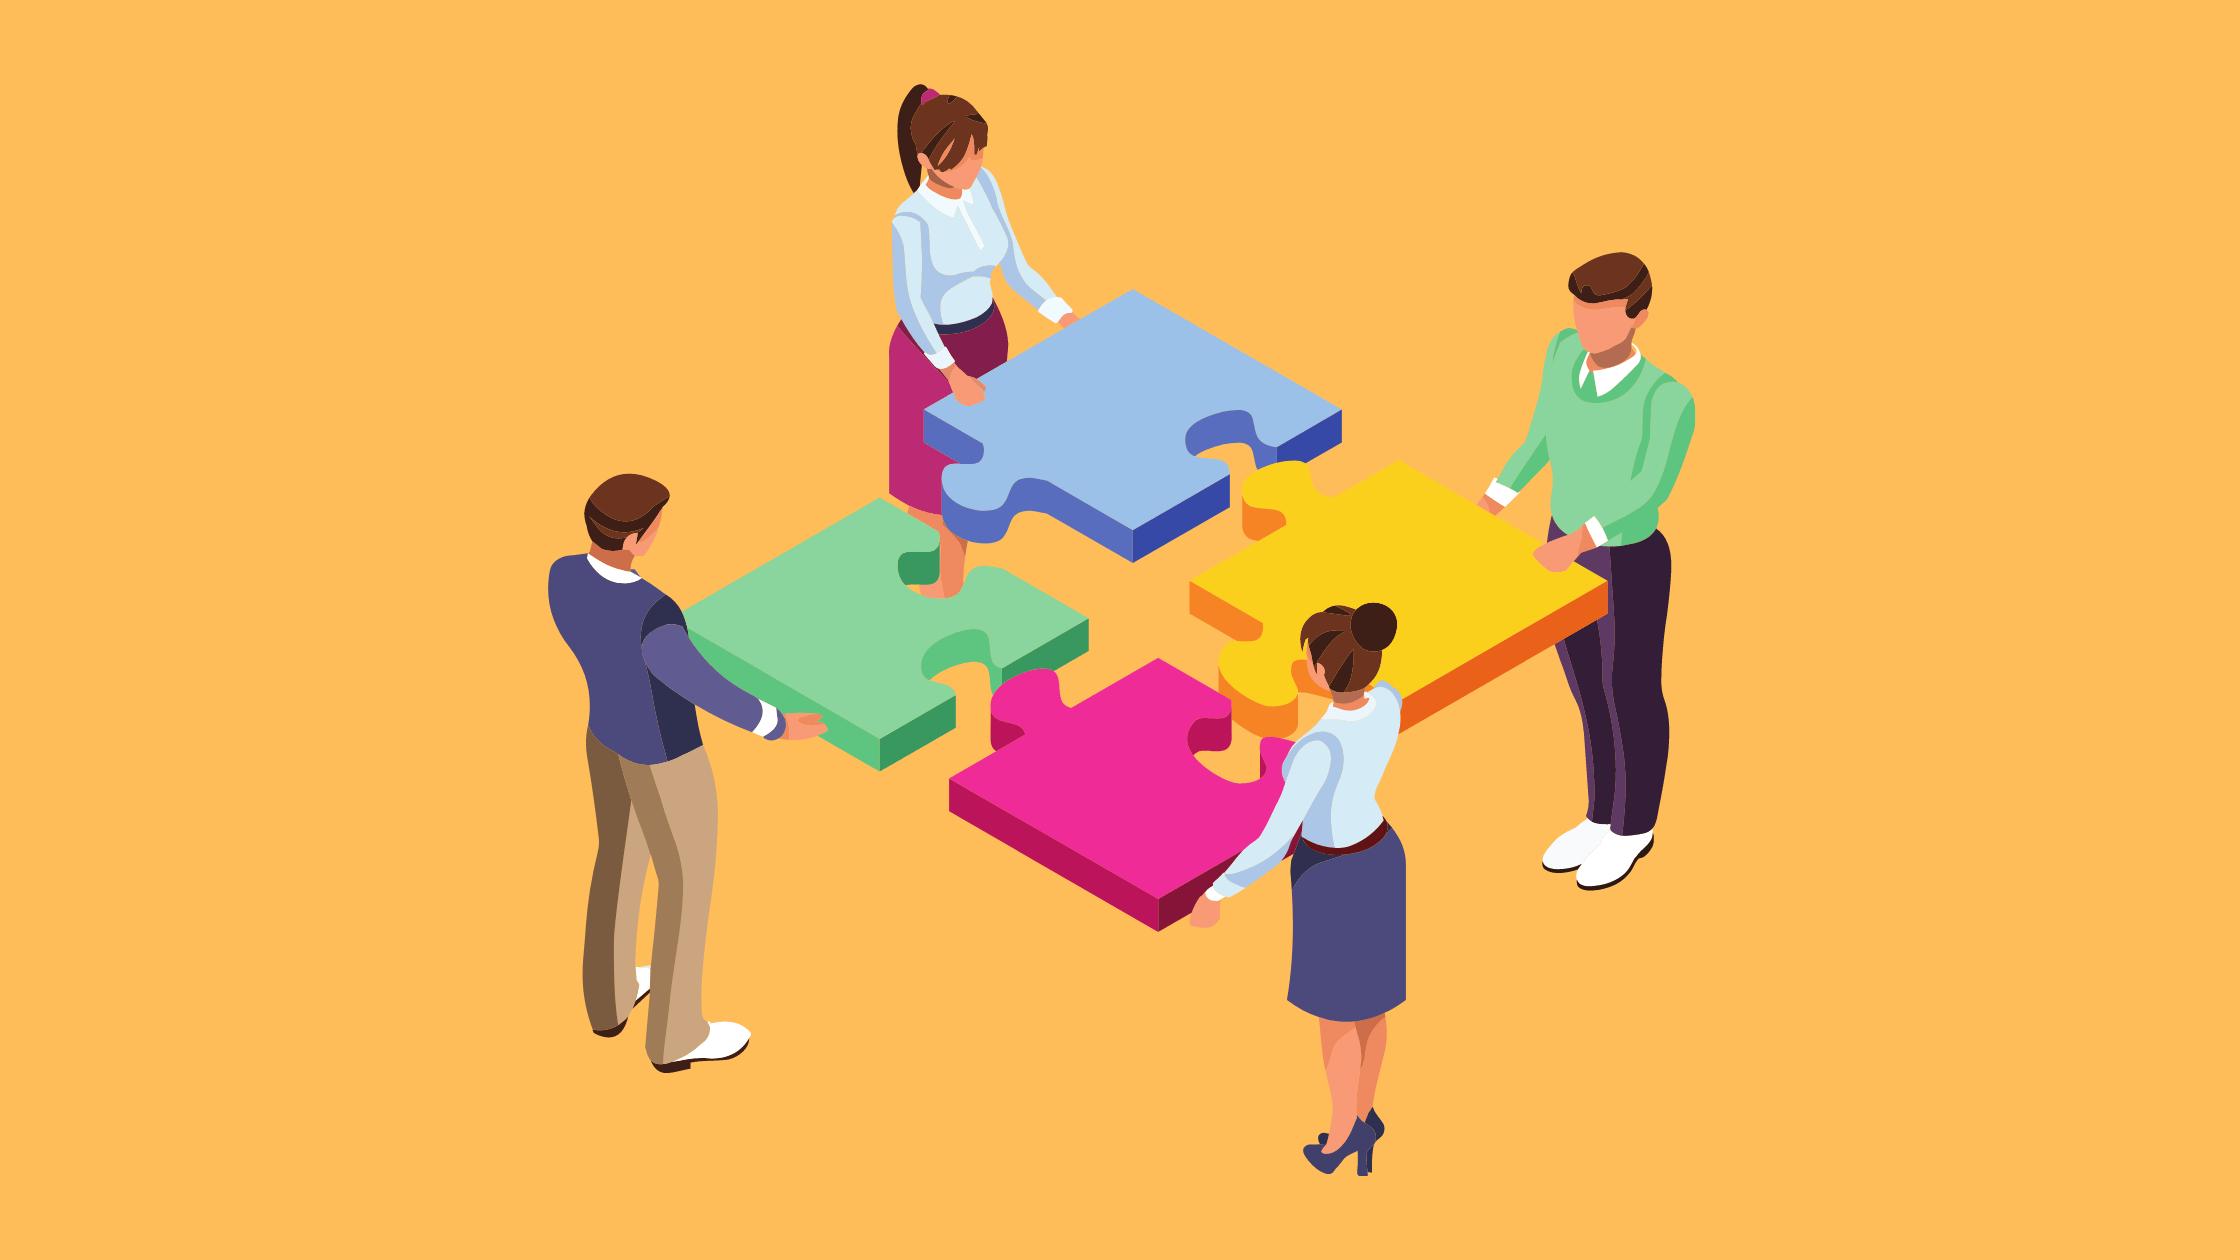 Las relaciones a largo plazo con los clientes mejoran la experiencia de compra y permiten a las empresas garantizar ventas futuras